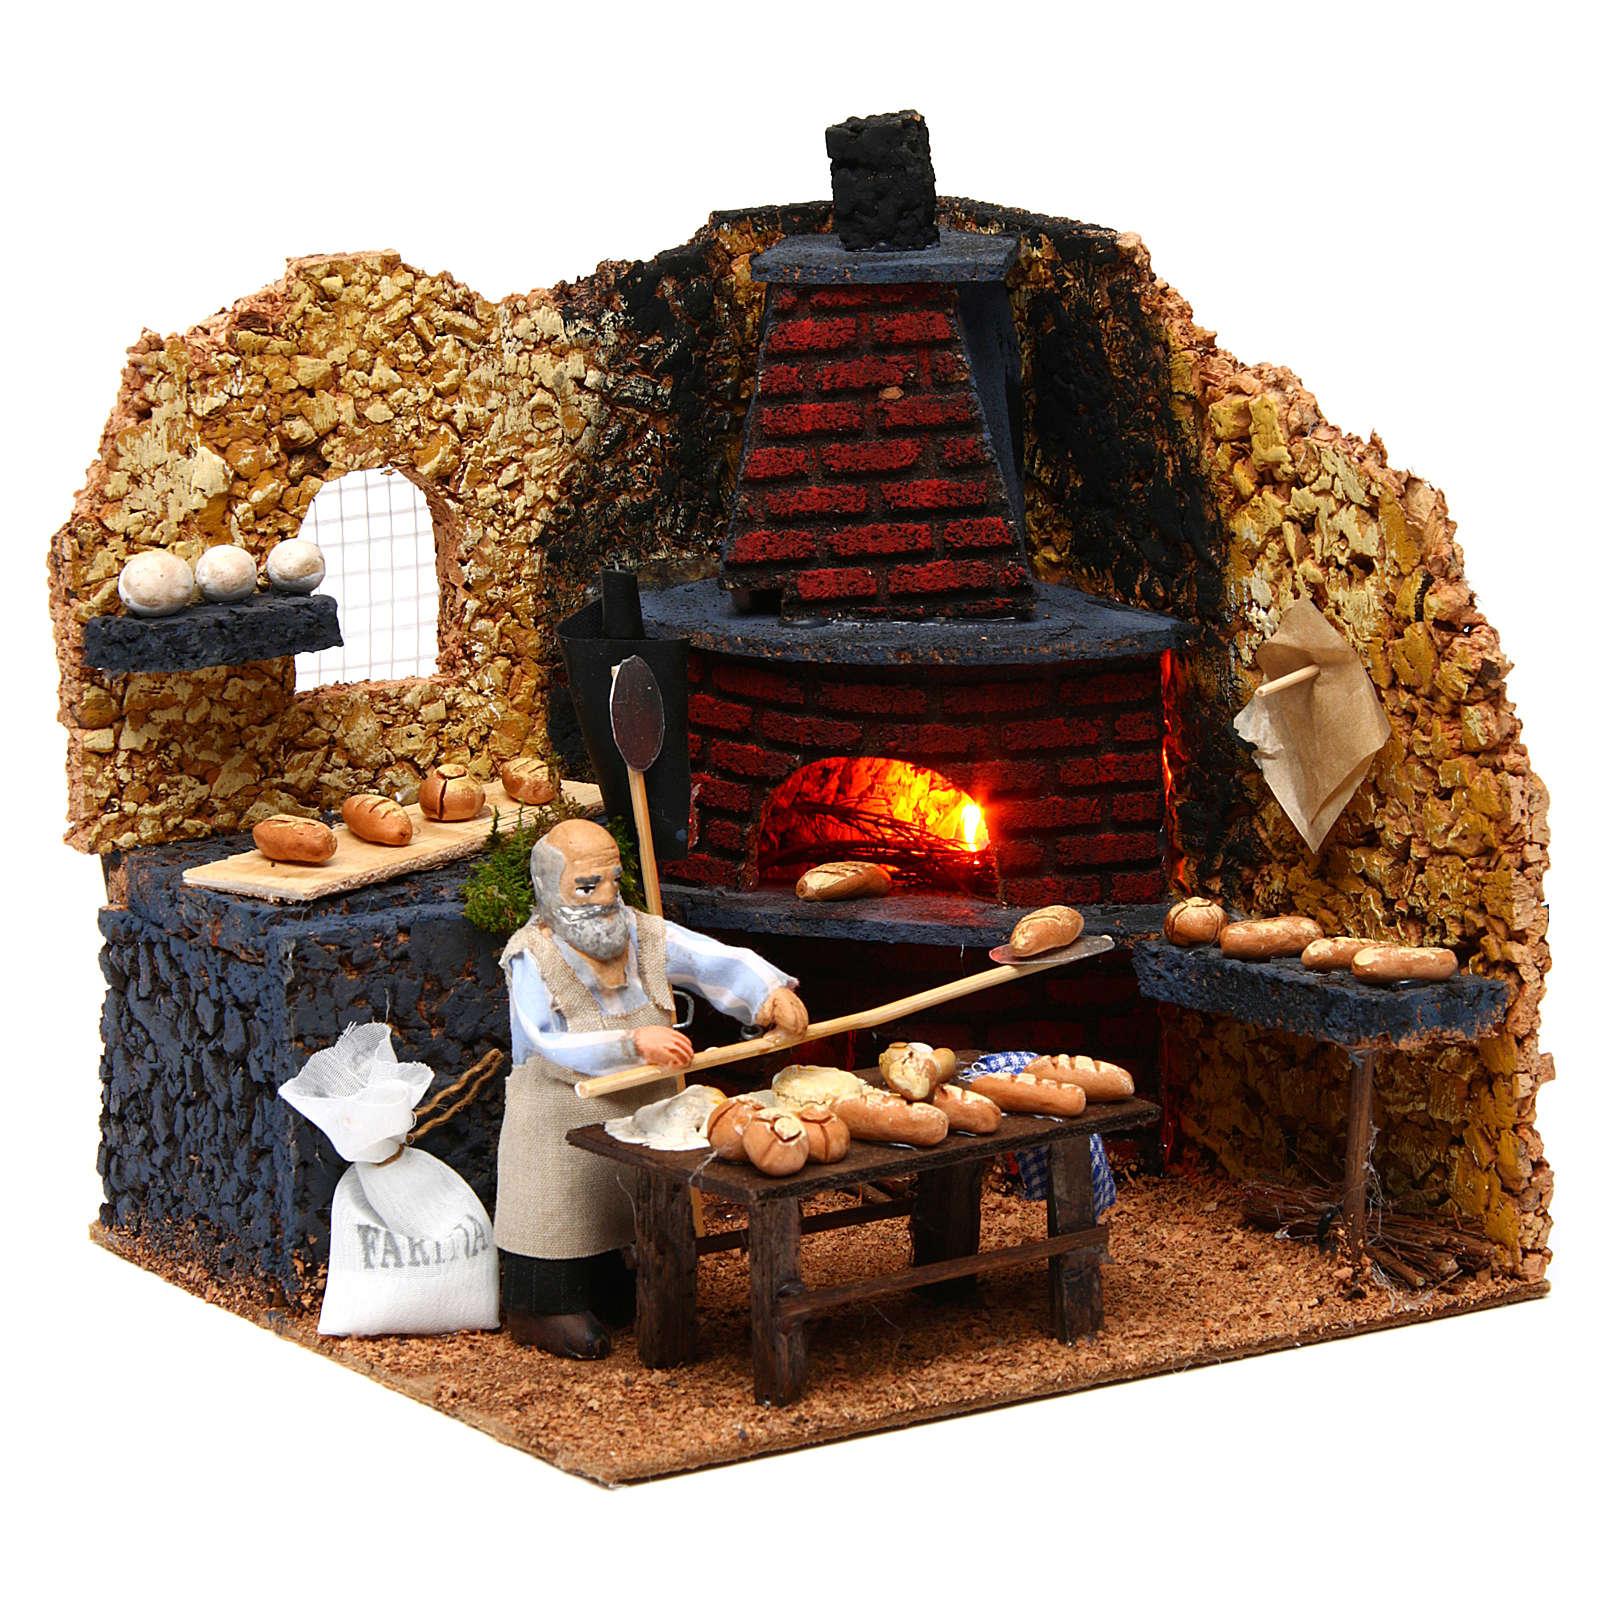 Baker, 10cm for Neapolitan Nativity 4